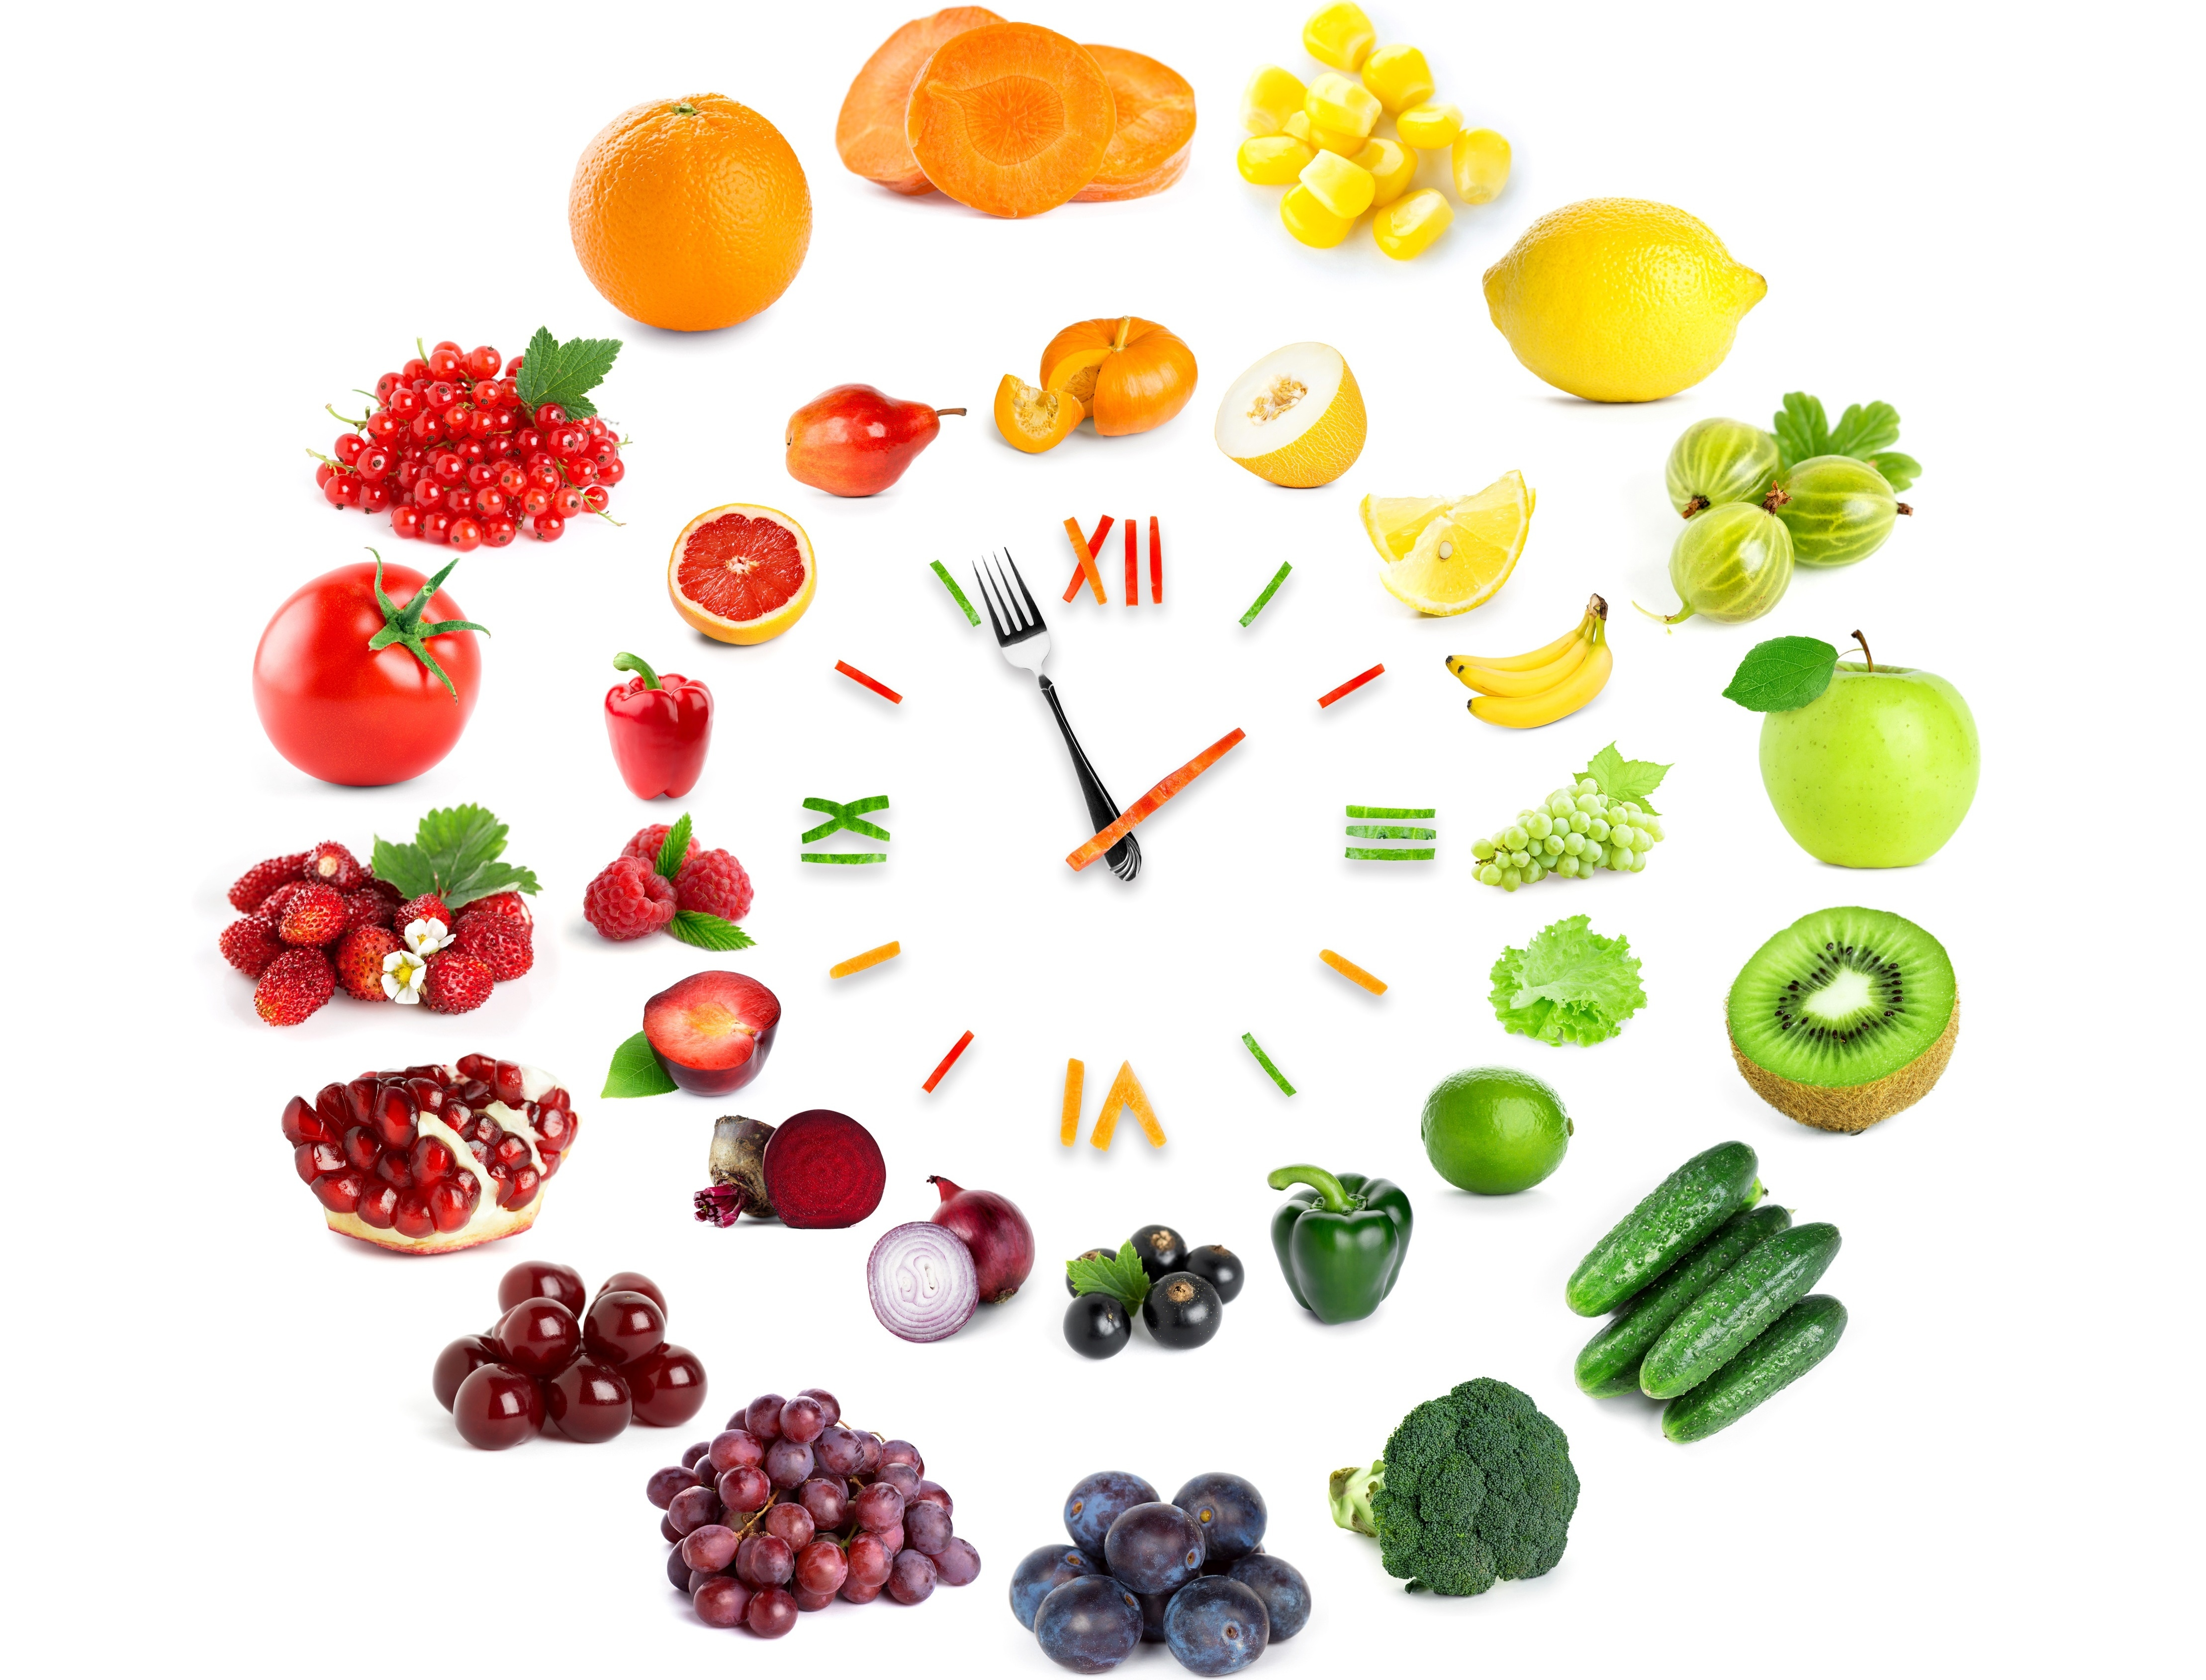 правильное питание для пожилых меню